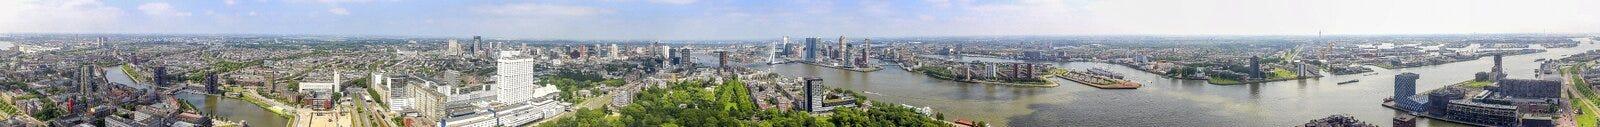 um panorama de 360 graus tomado do Euromast do Rotterdam fotografia de stock